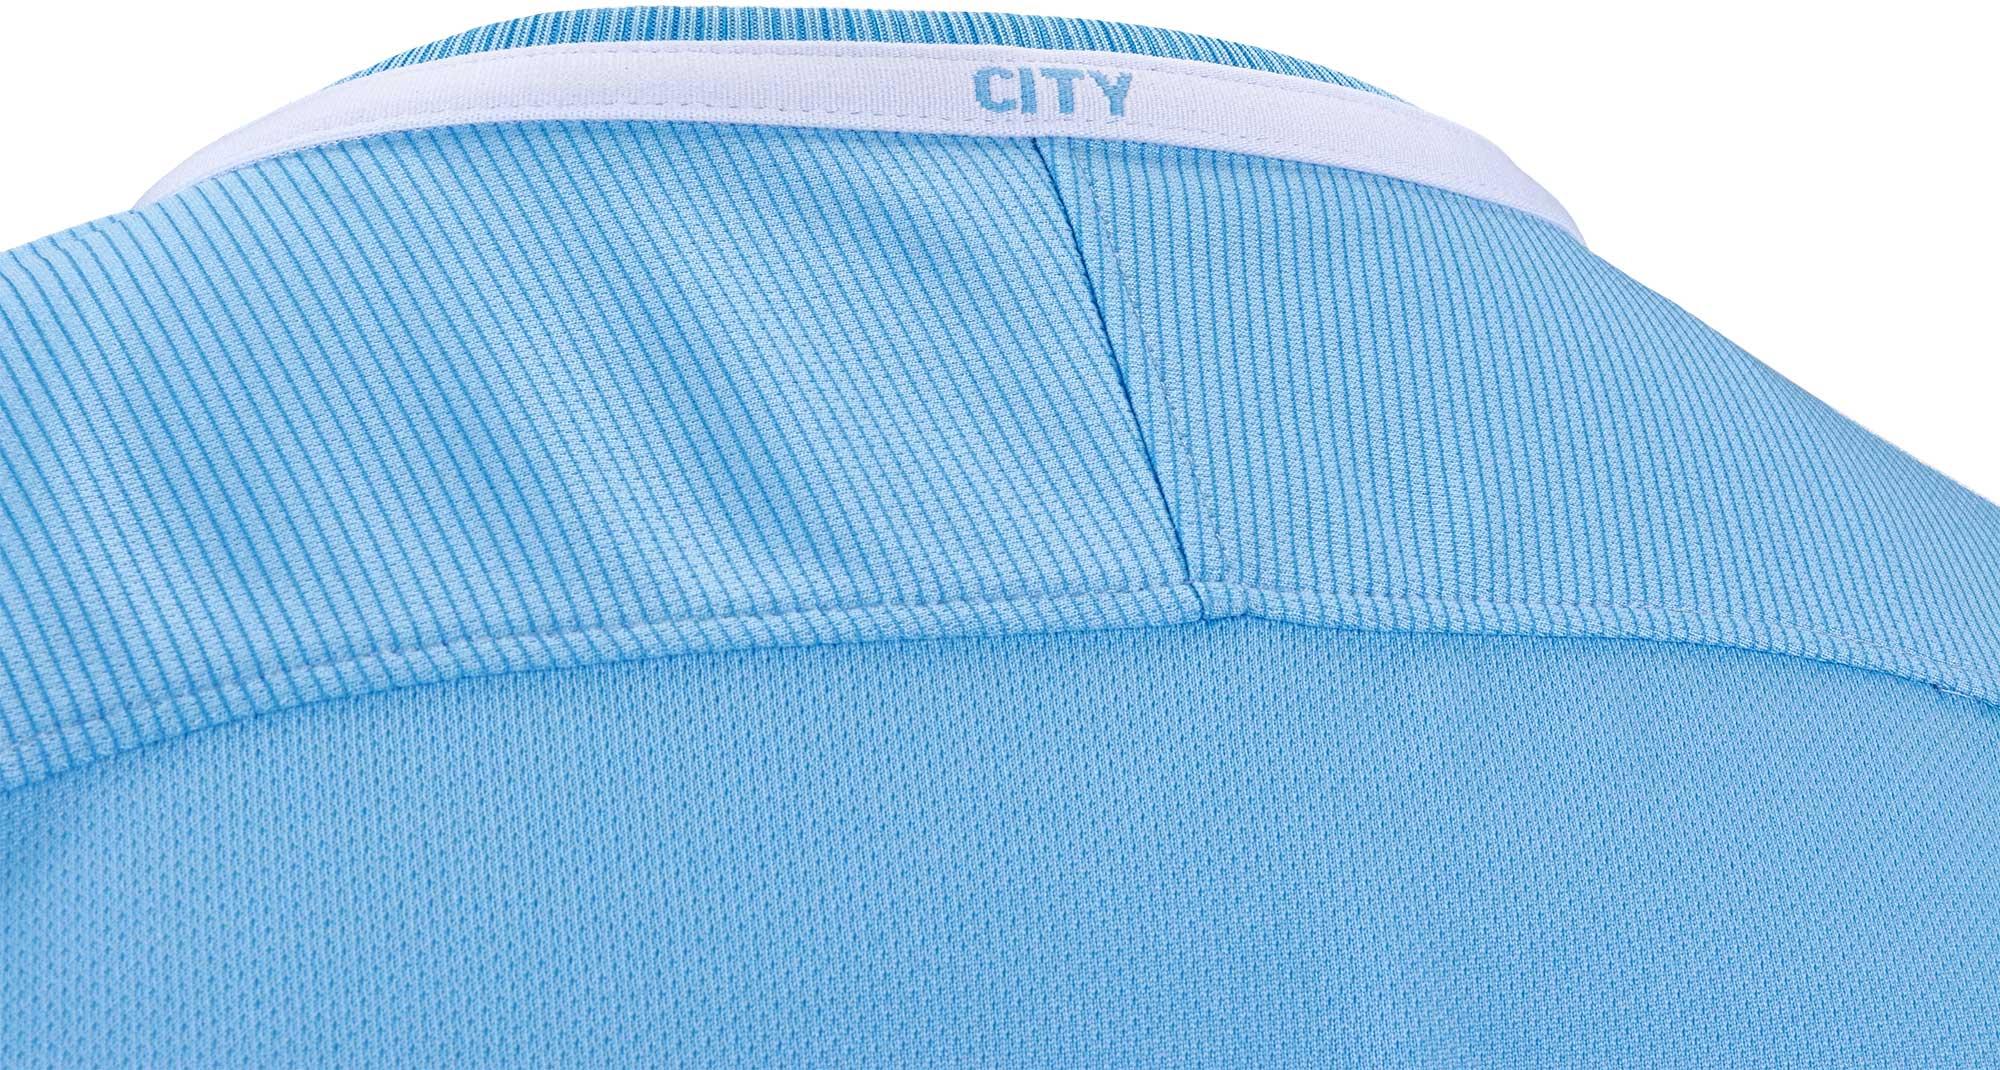 53d6ee3d38c32 Nike Kids Manchester City Home - 2016 Man City Jerseys